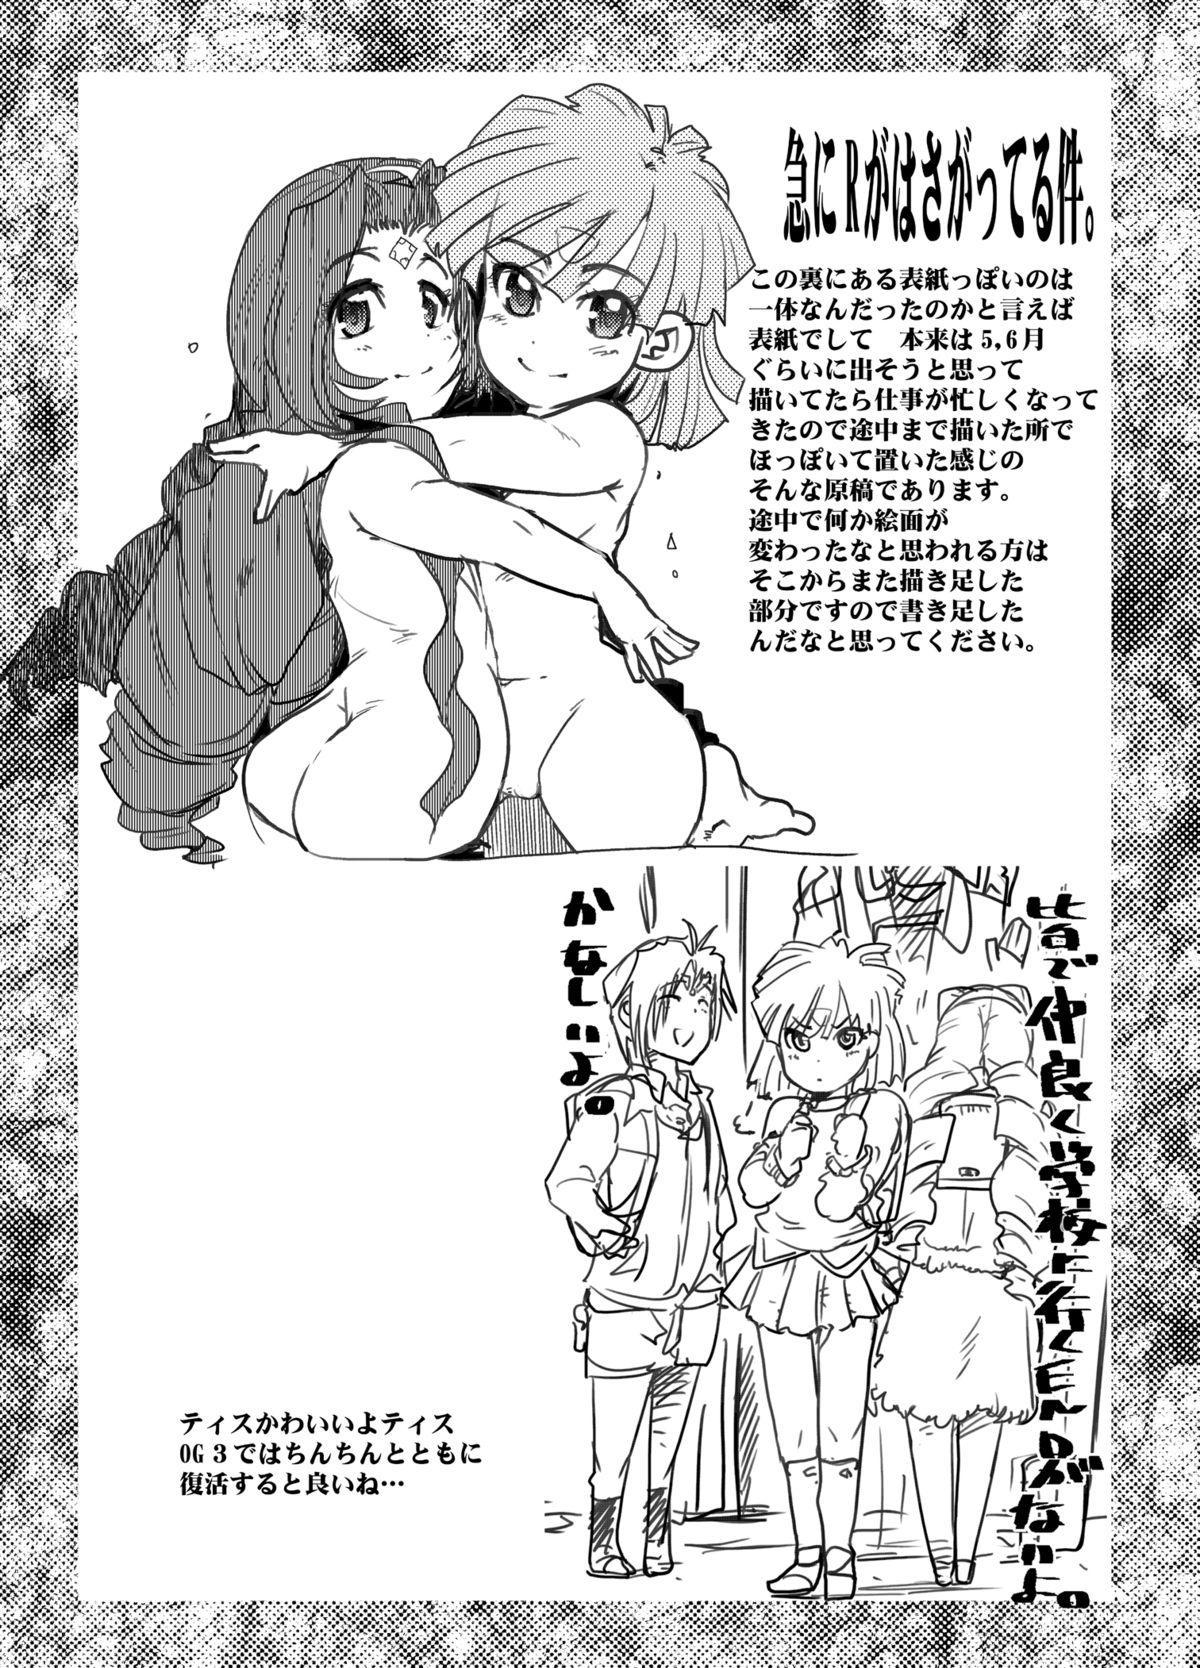 Boku no Watashi no Mugen no Super Bobobbo Taisen Frontier 34